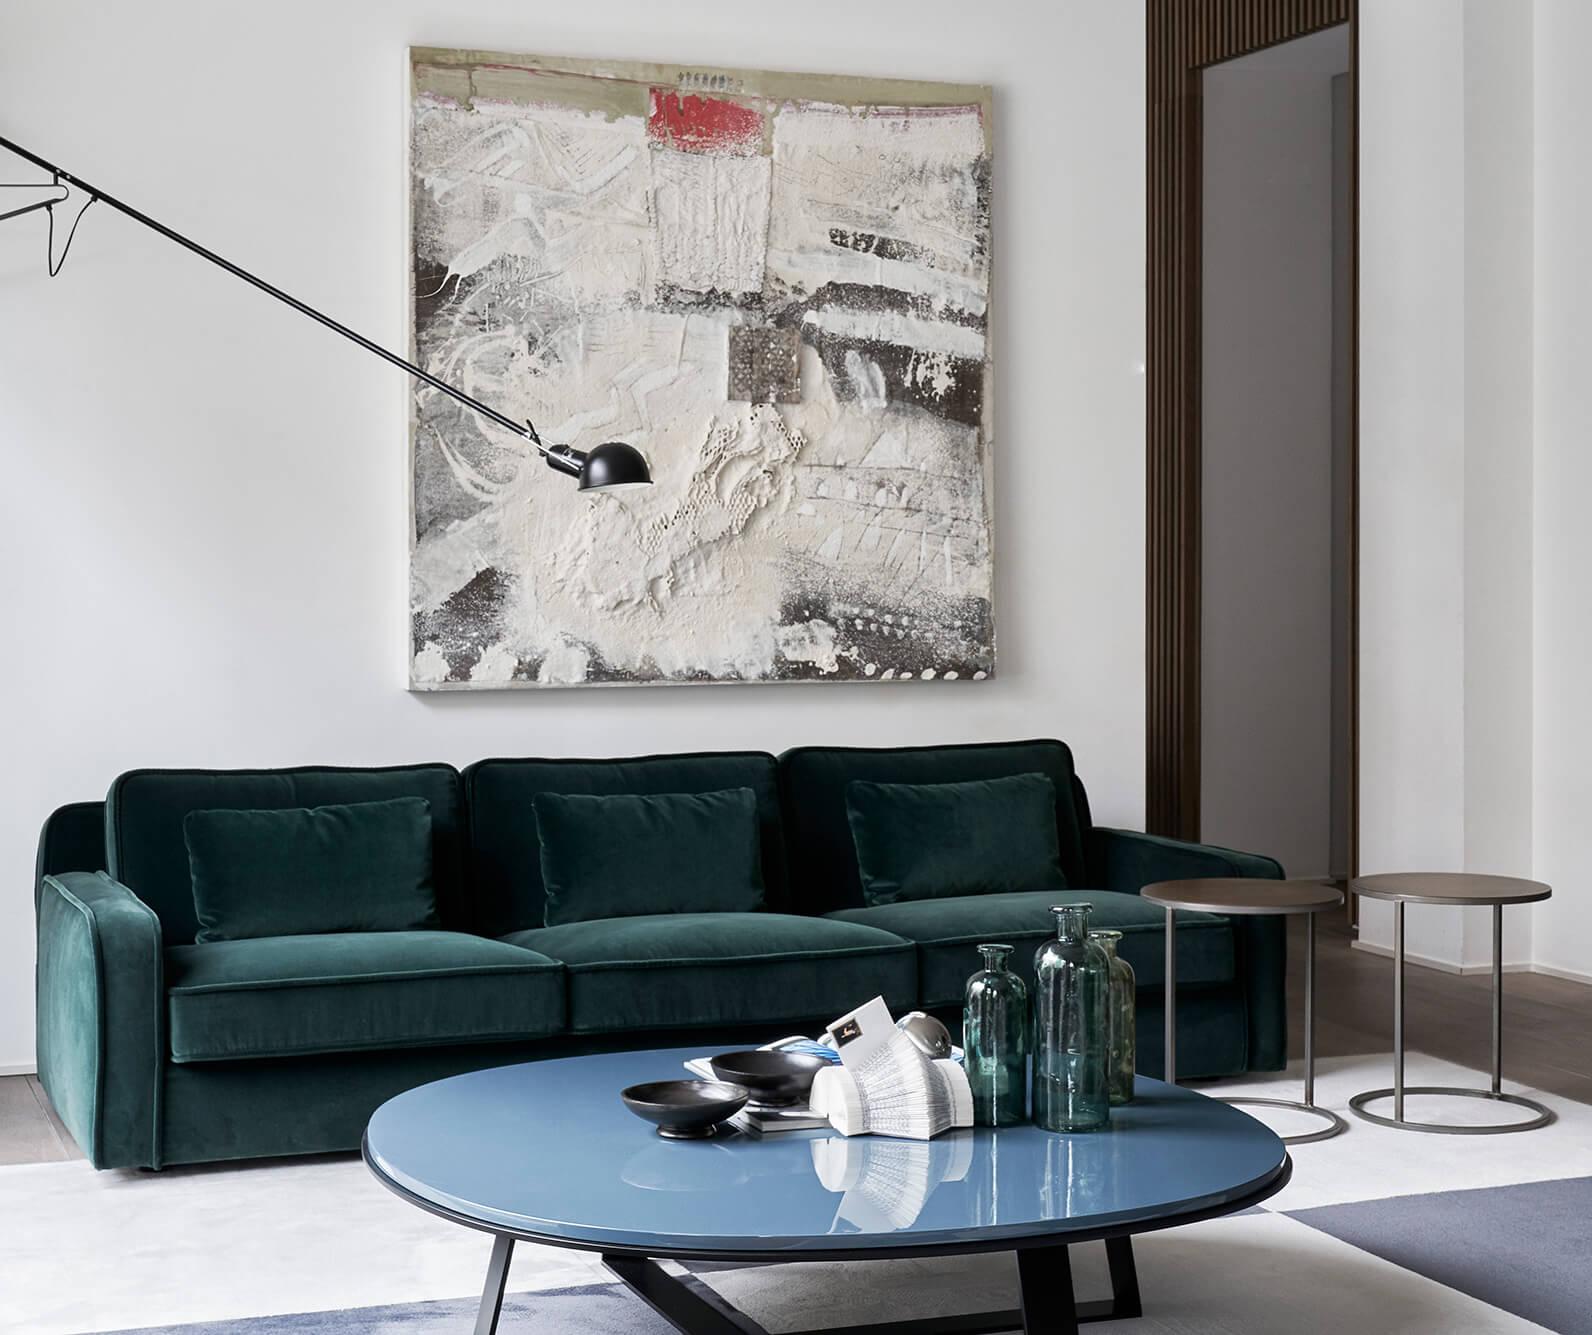 Grünes Sofa mit Couchtisch und Gemälde an der Wand